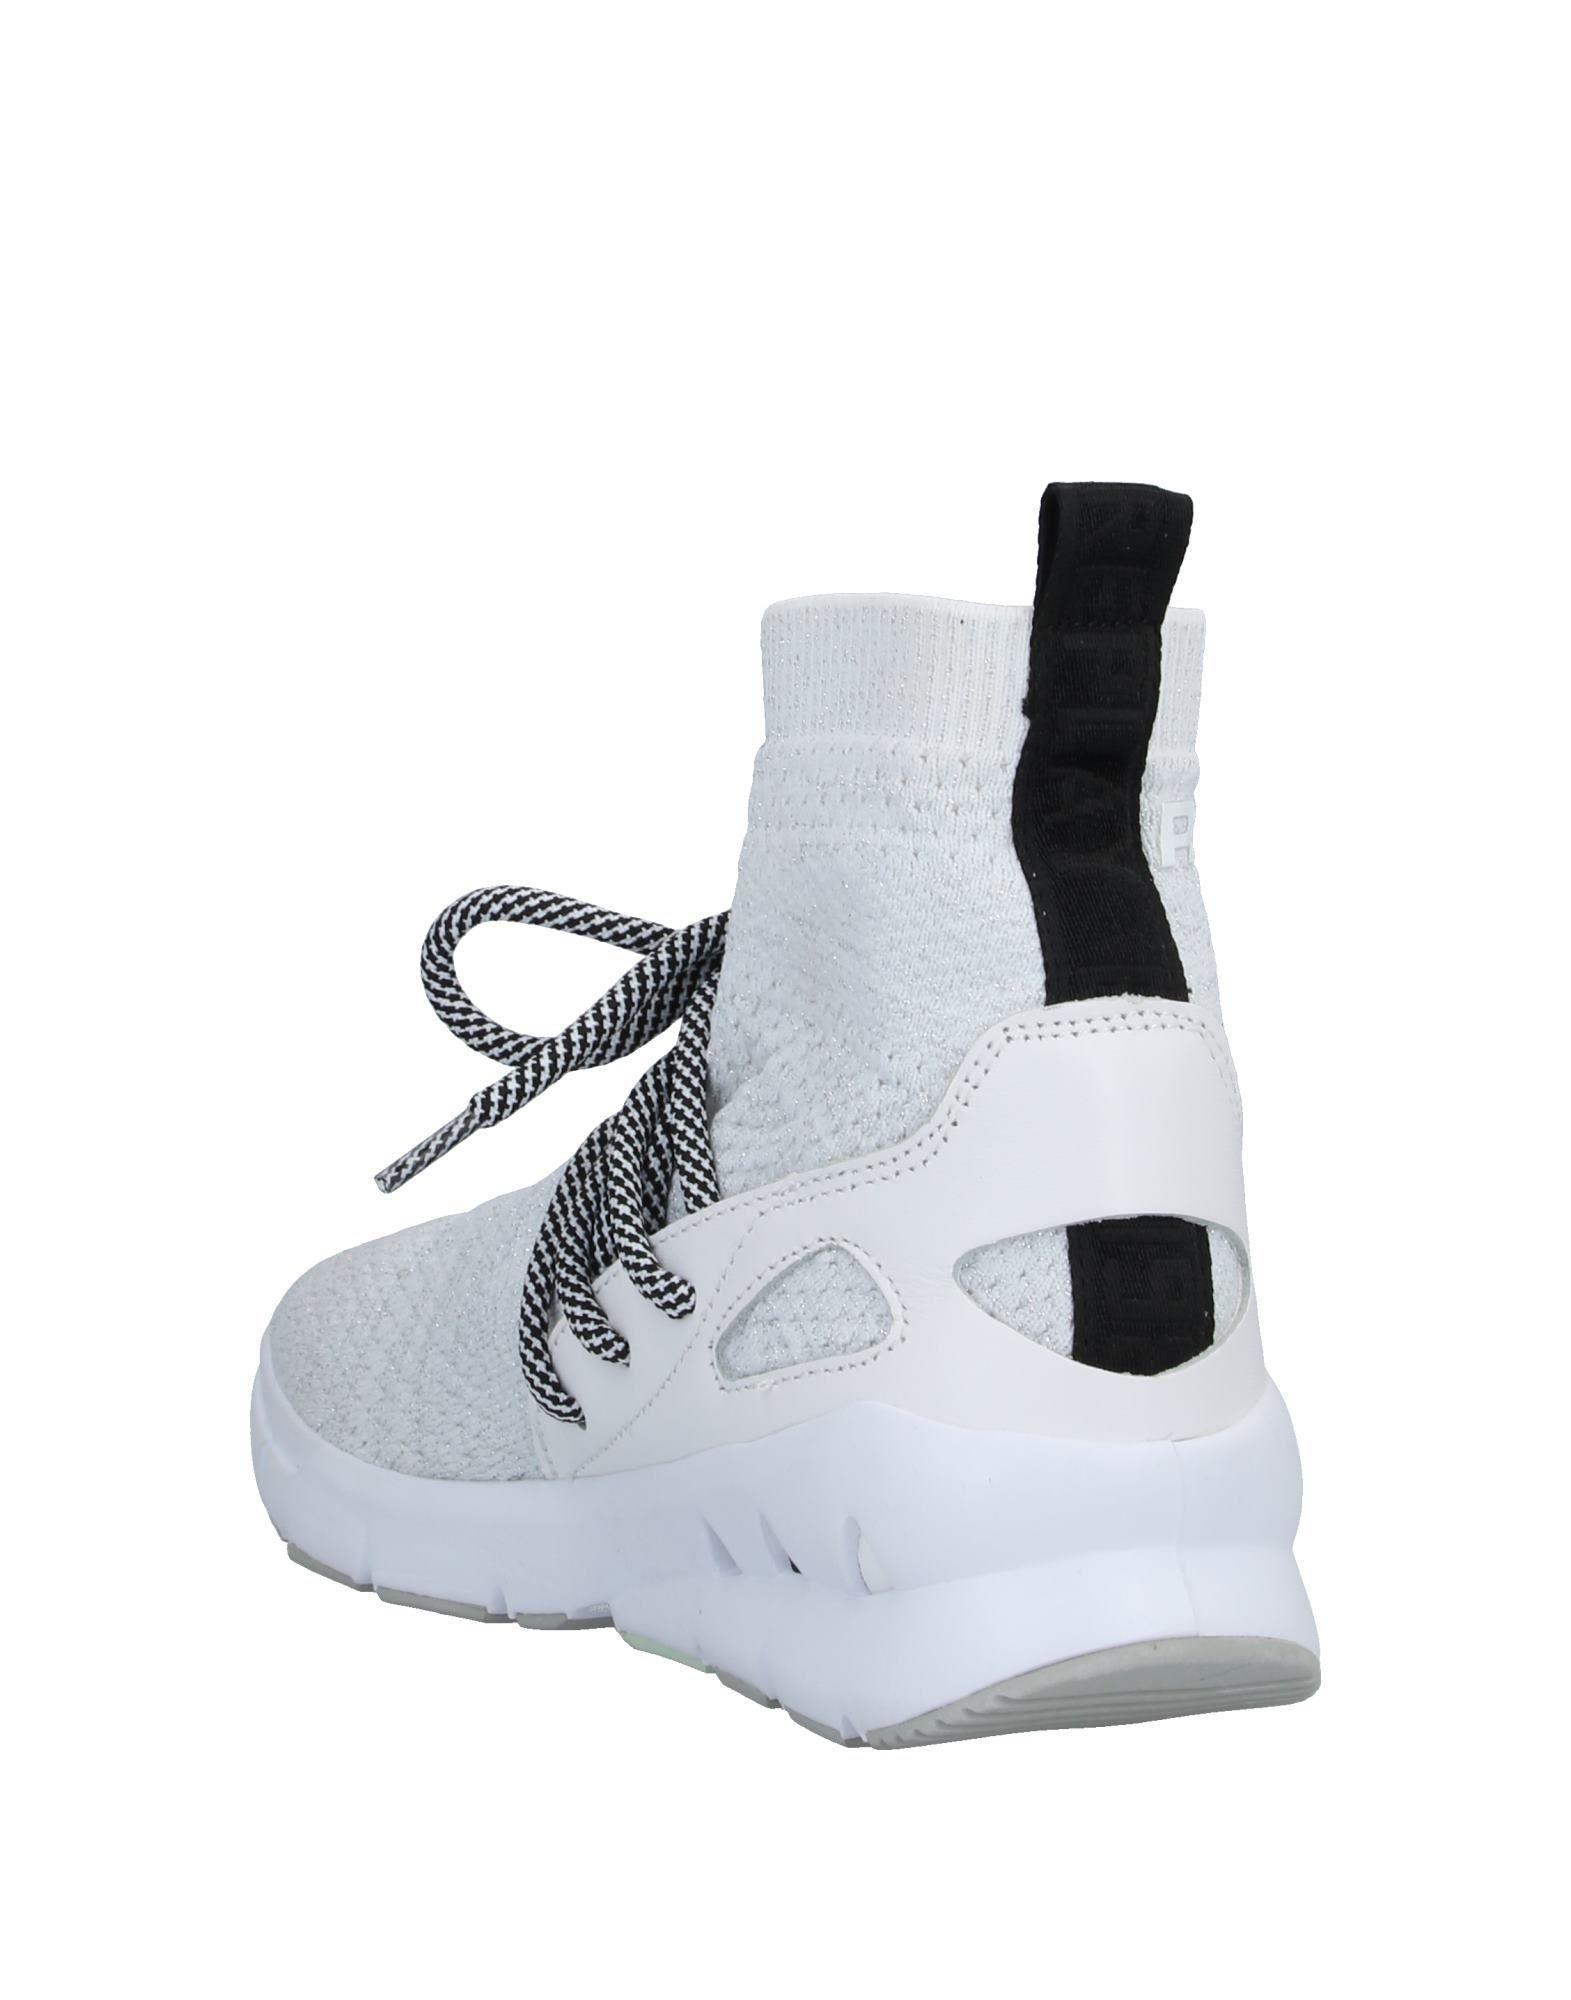 Sneakers abotinadas Replay de Caucho de color Blanco